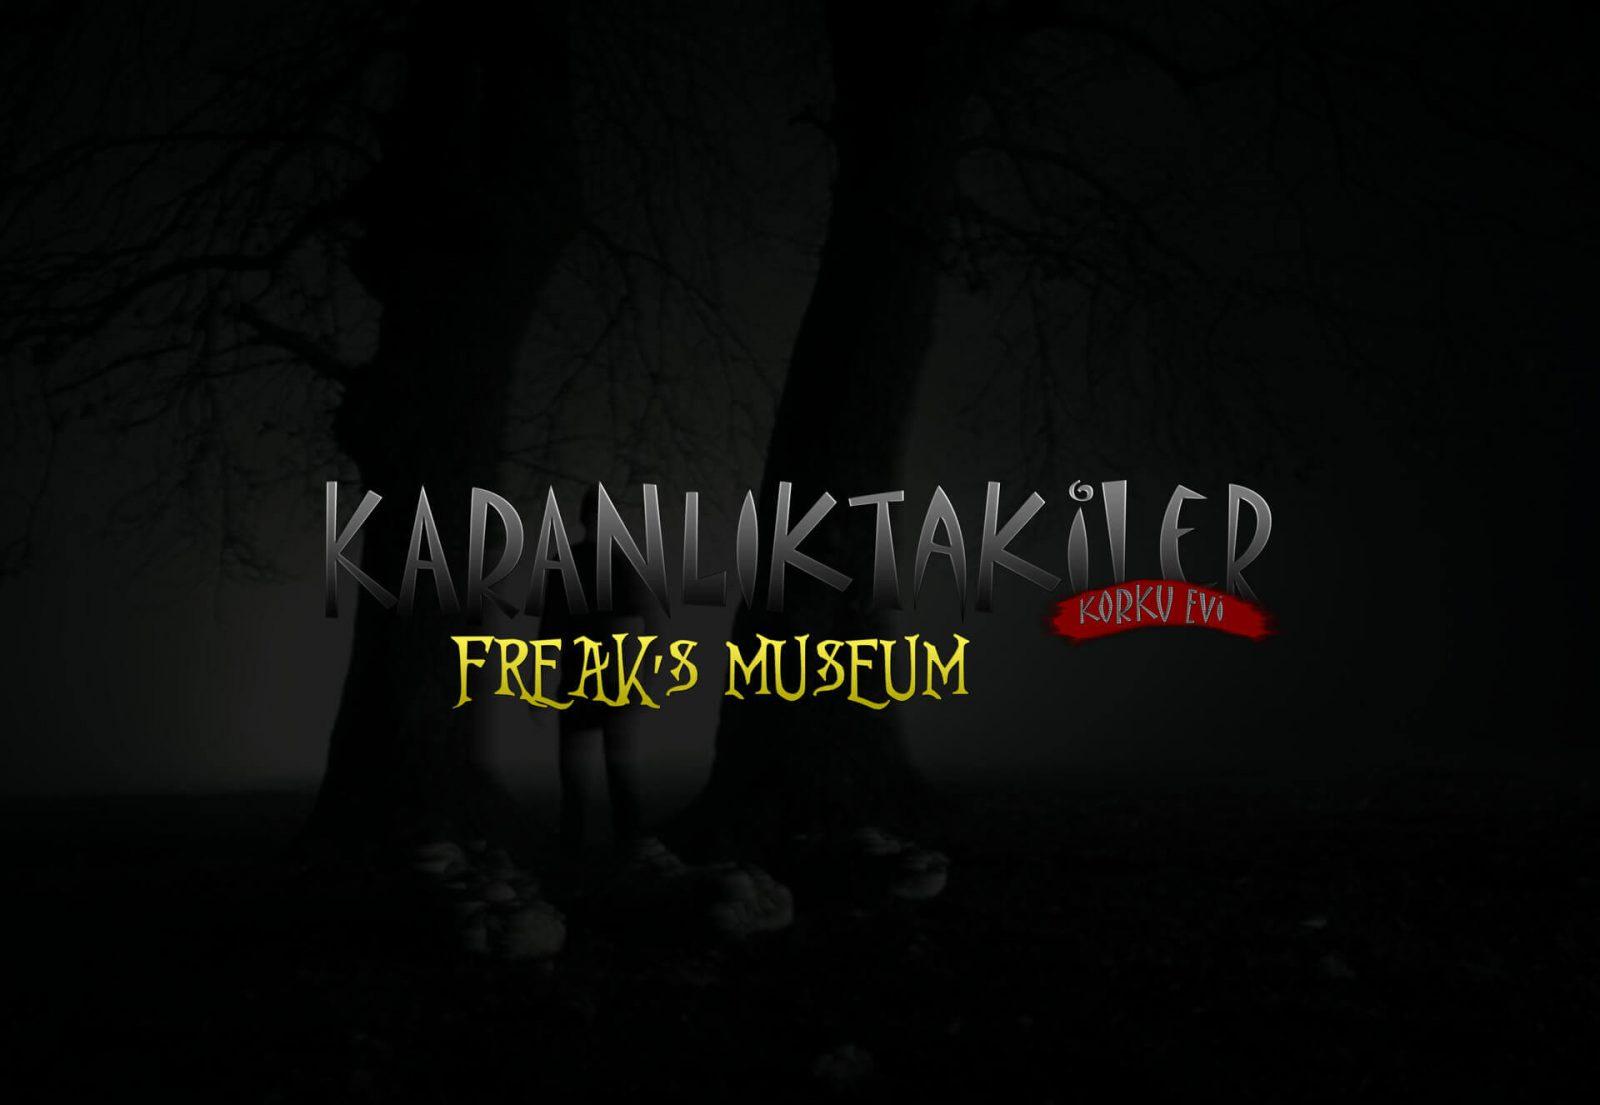 Karanlıktakiler - İstanbul - Ucubeler Müzesi Korku Evi ve Gerçek Evden Kaçış Oyunu